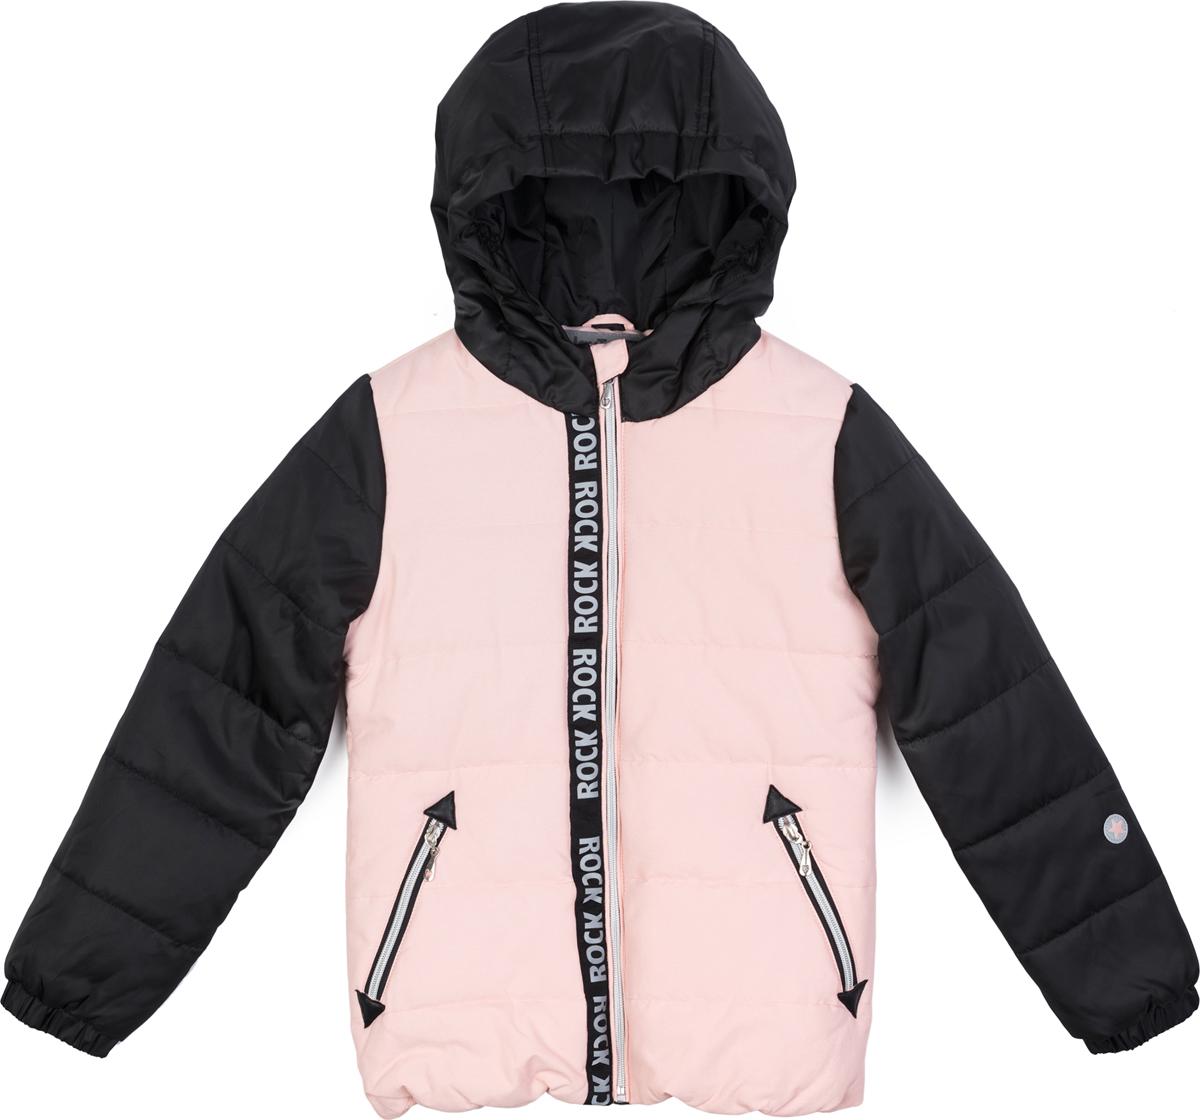 Фото - Куртка для девочки PlayToday, цвет: черный, розовый. 182002. Размер 146/152 куртки пальто пуховики coccodrillo куртка для девочки wild at heart